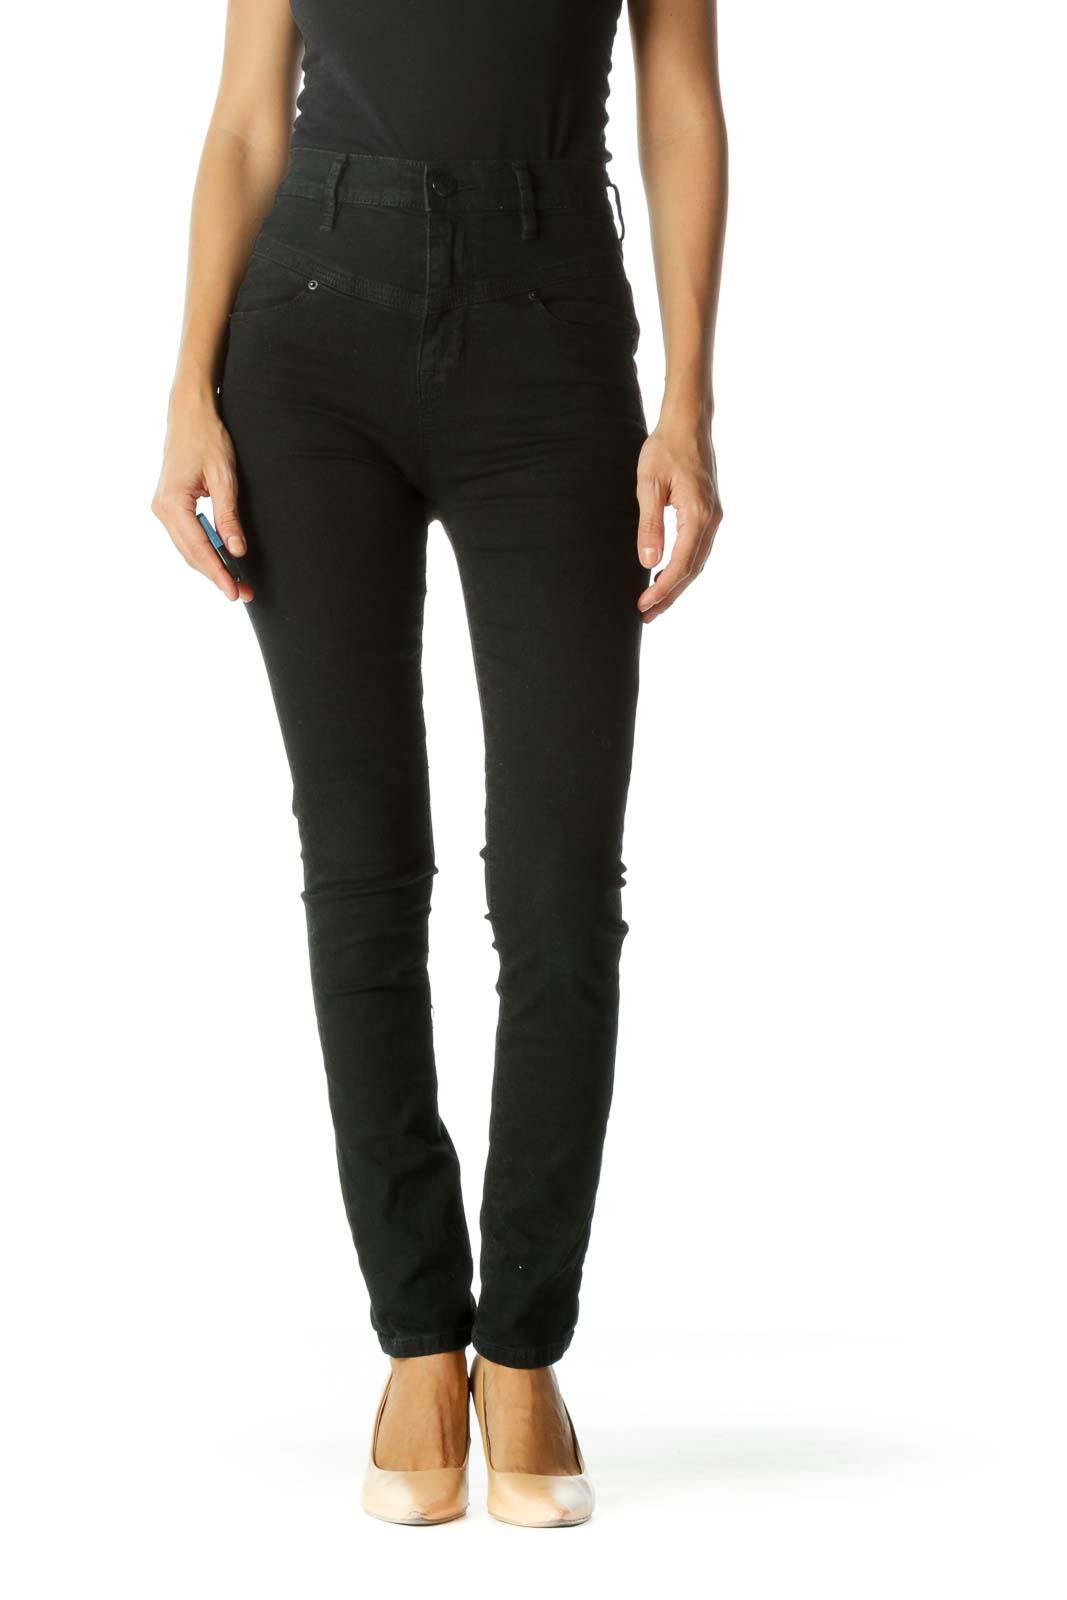 Faded Black High Waist Front Unique Design Slim Pants